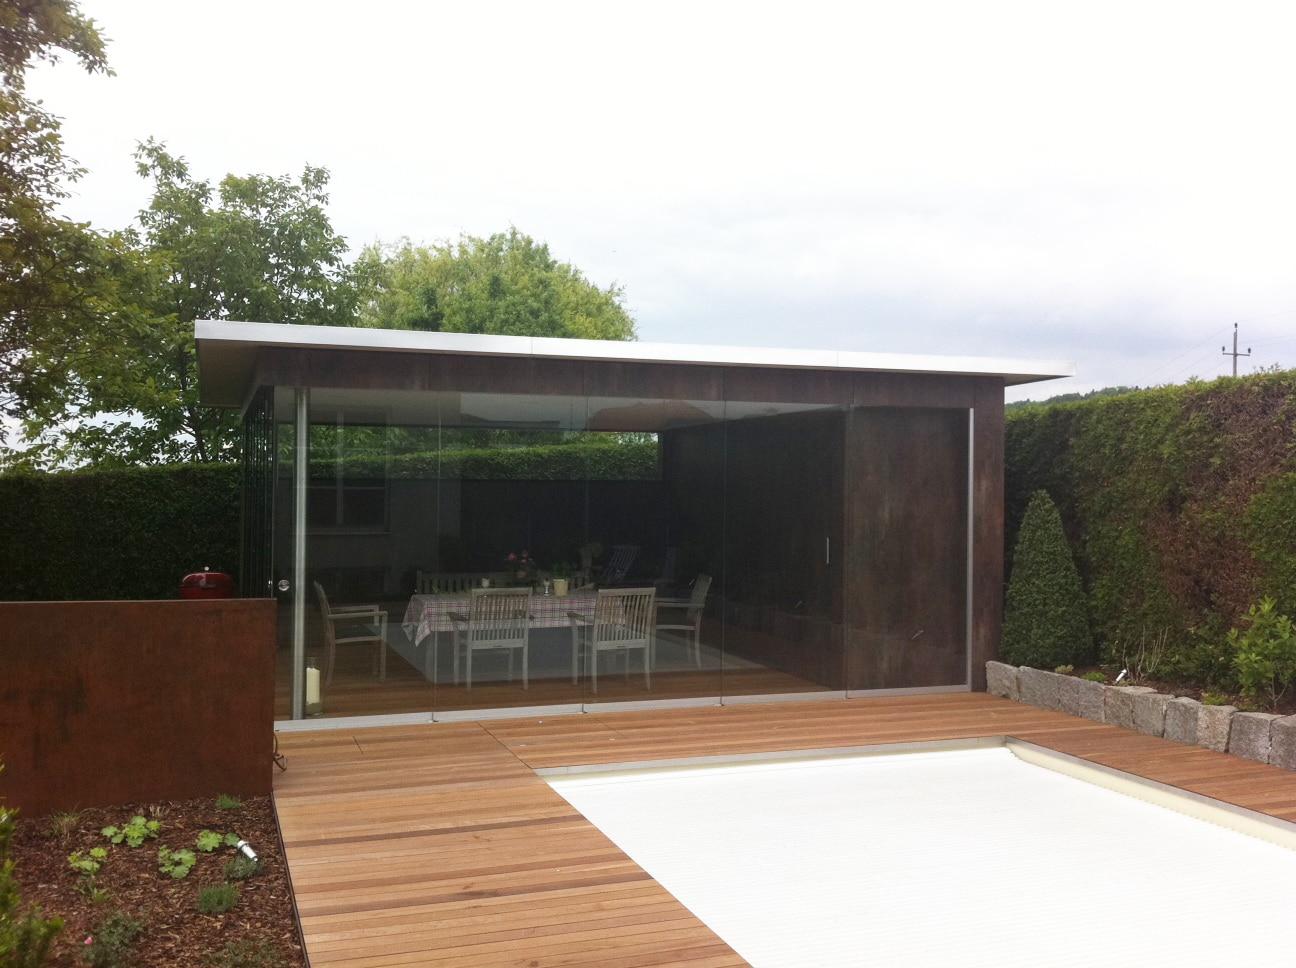 Freistehendes Gartenhaus am Pool mit Glasschiebeelementen